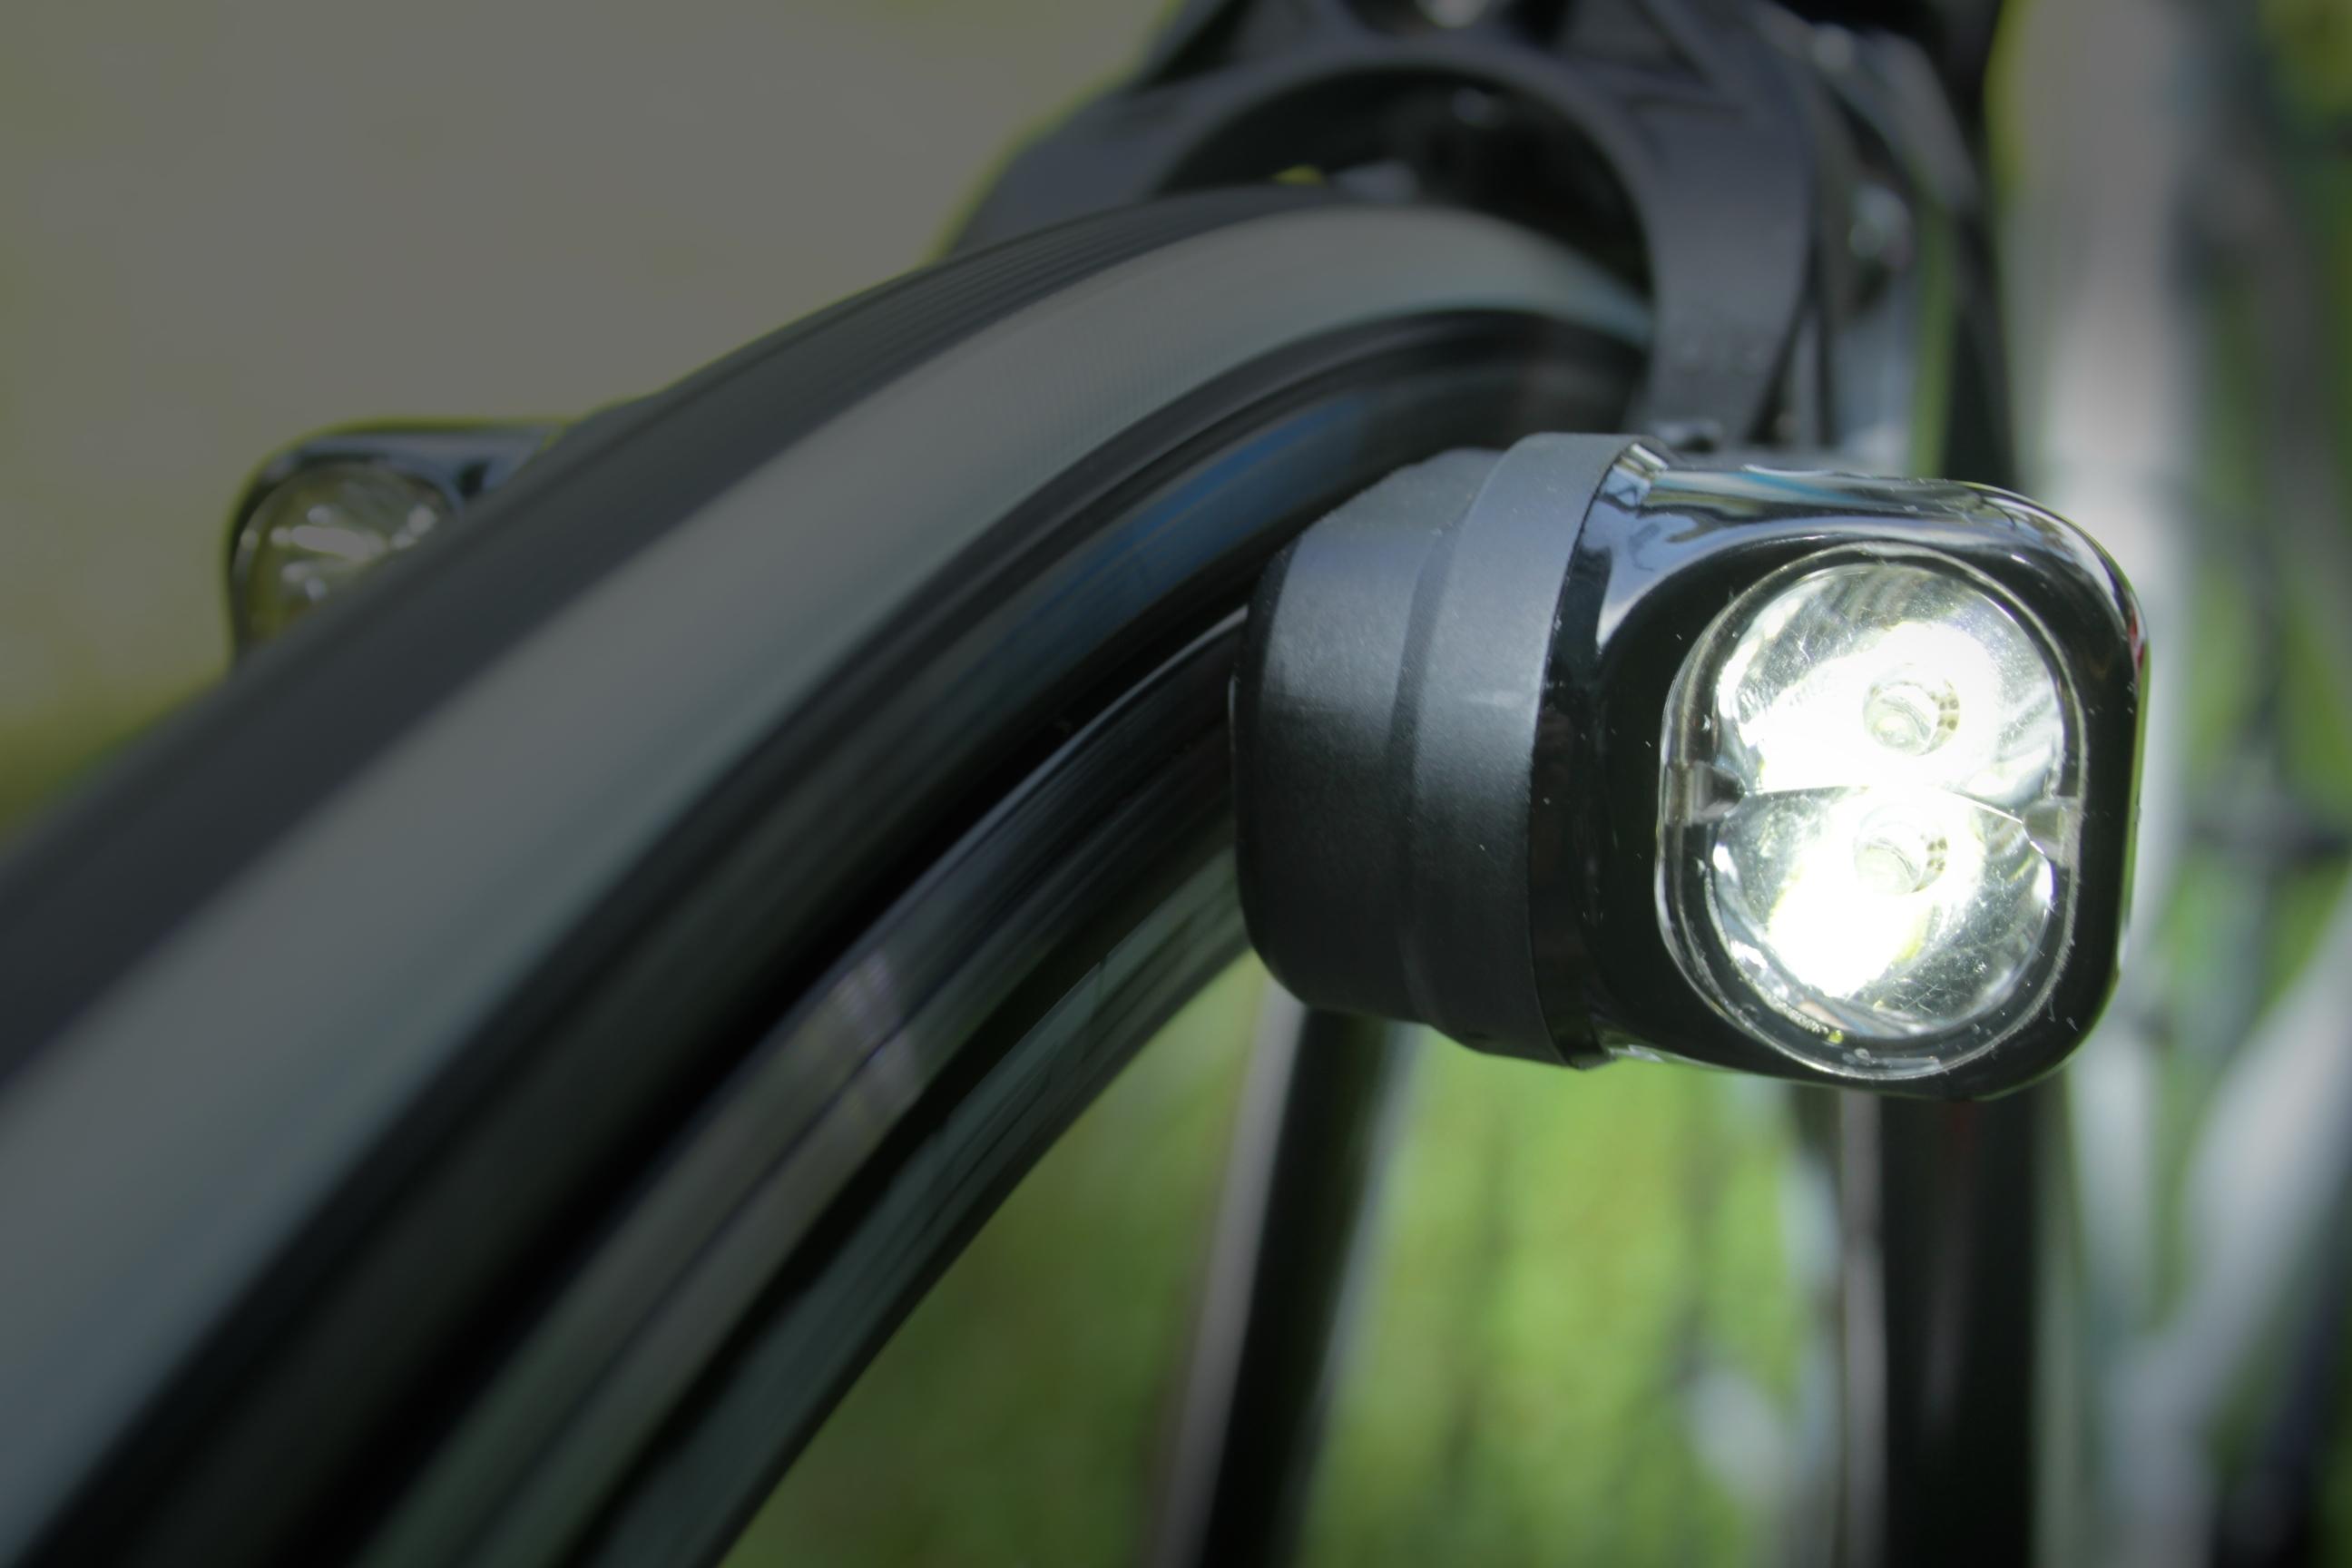 Beste Lichte Stadsfiets : De beste fietsverlichting: fietslamp top 10 tips en info 2016